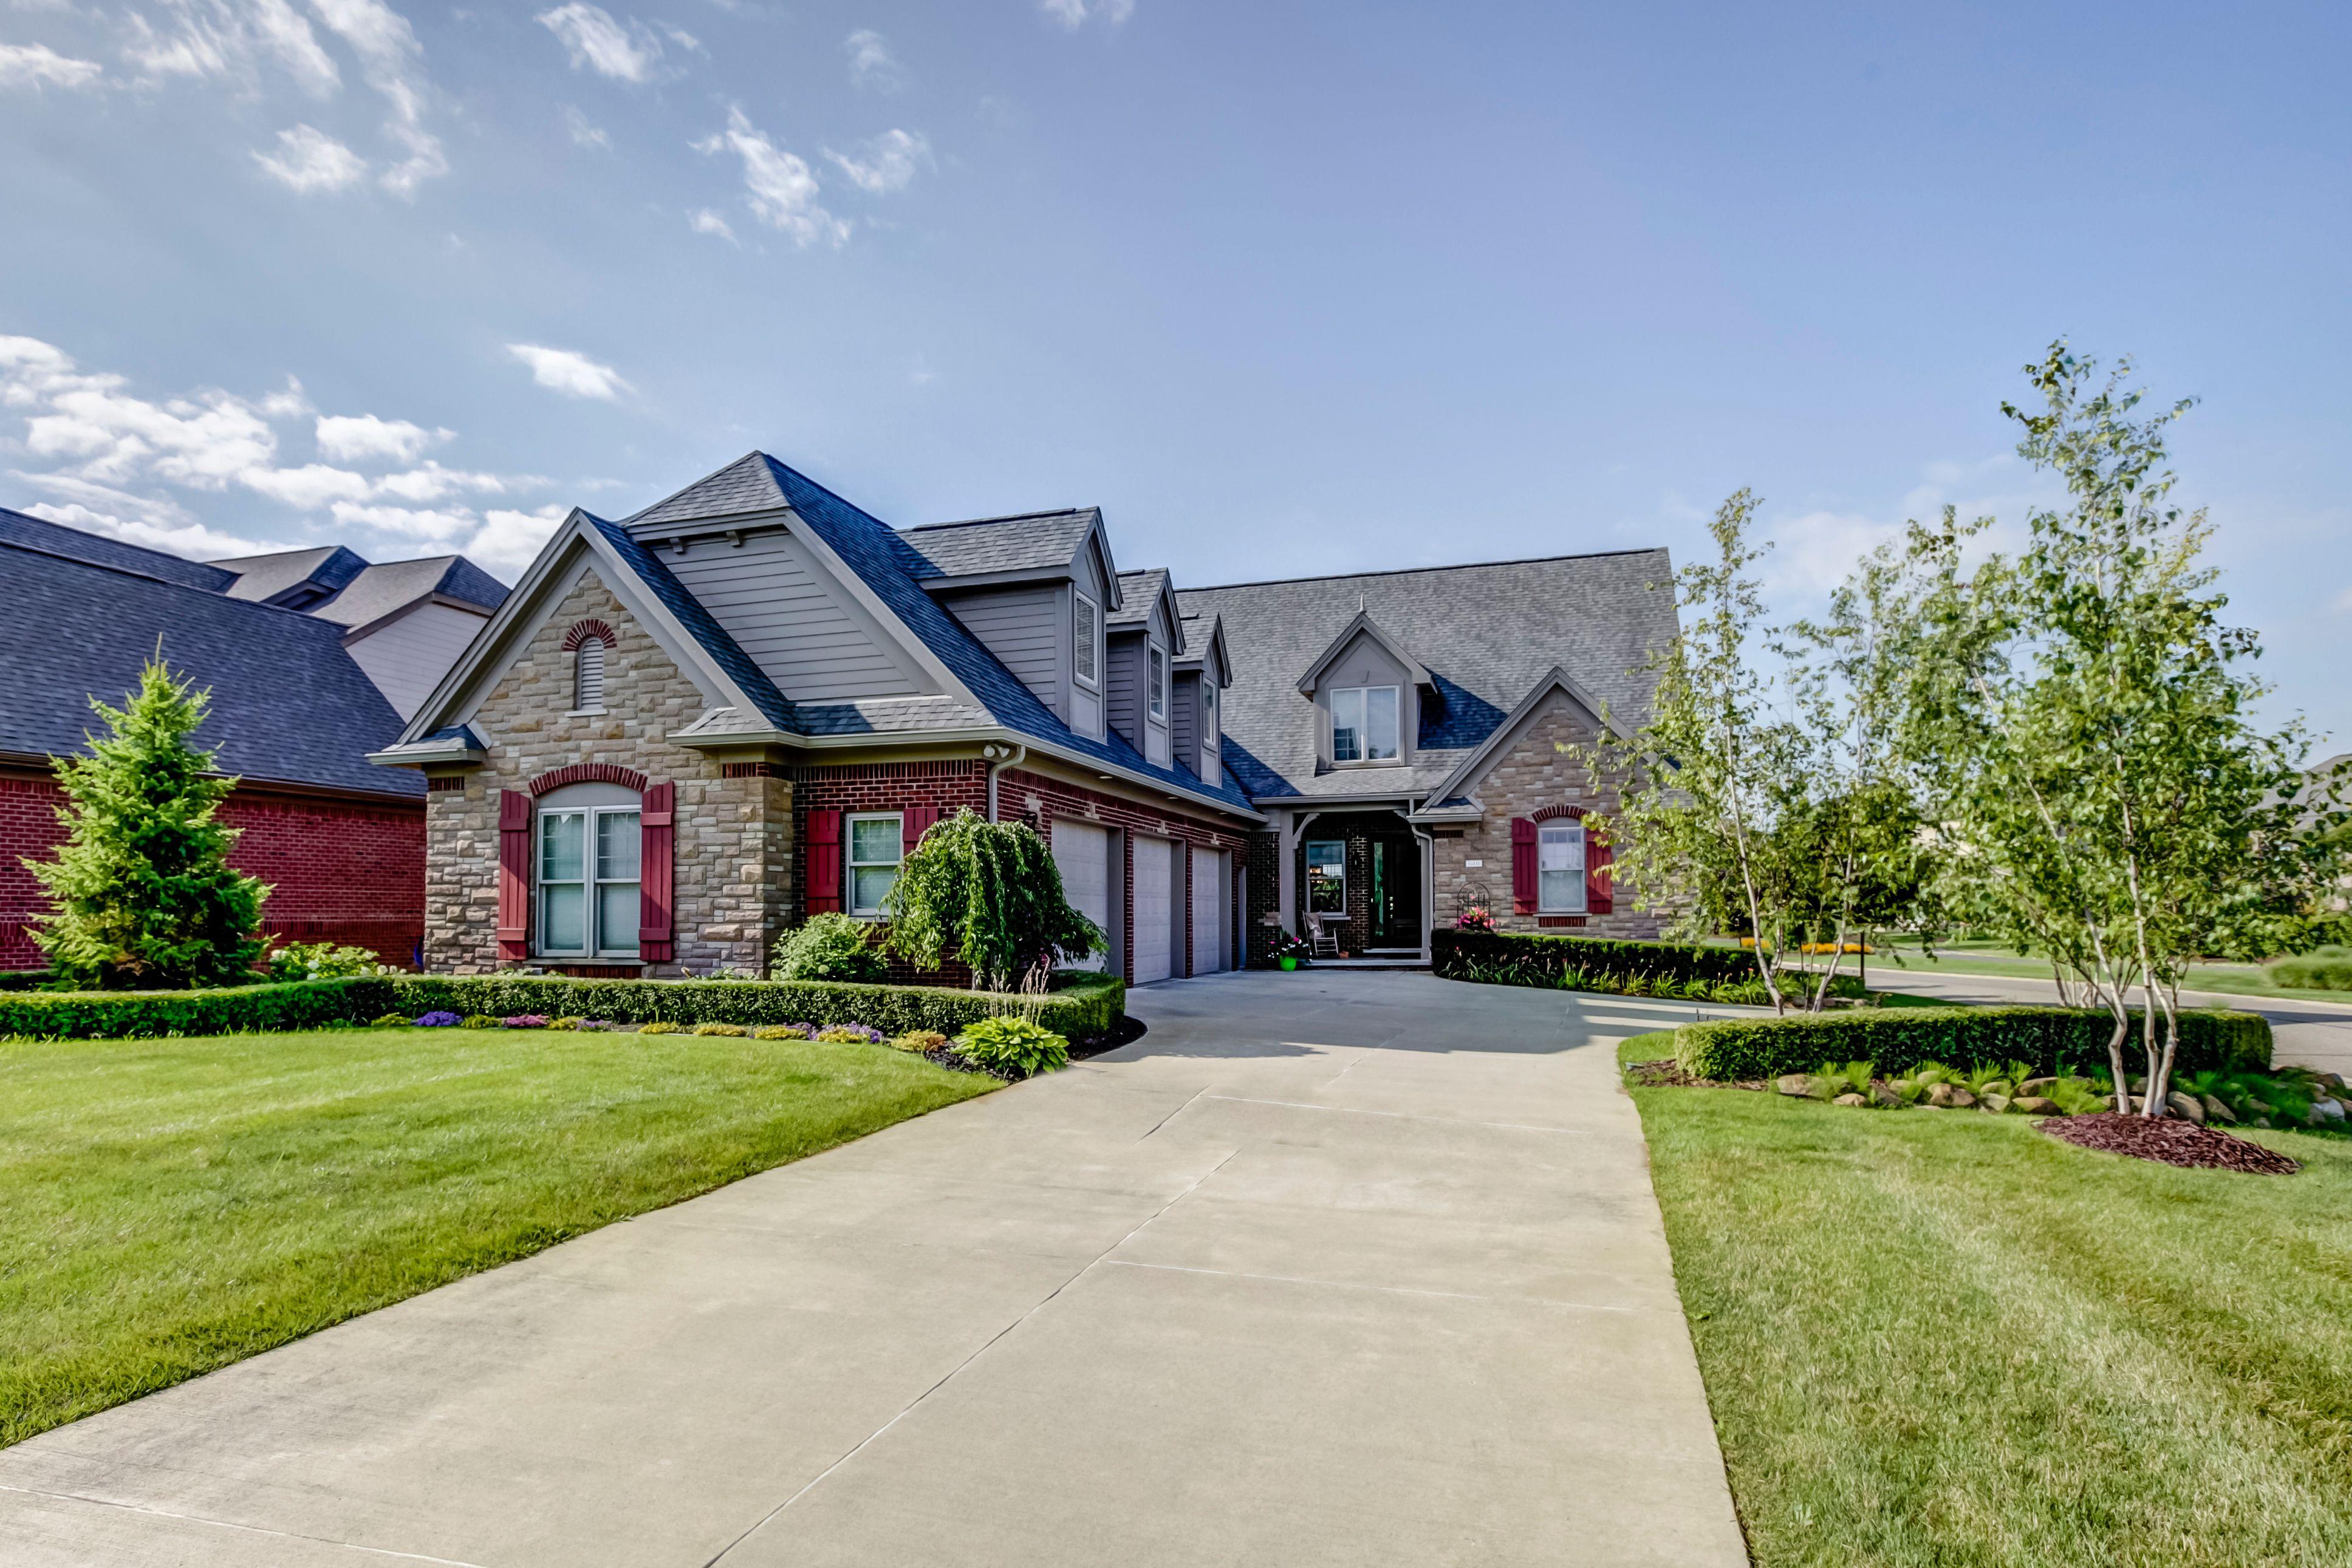 Keller williams green oaks gate house selling house